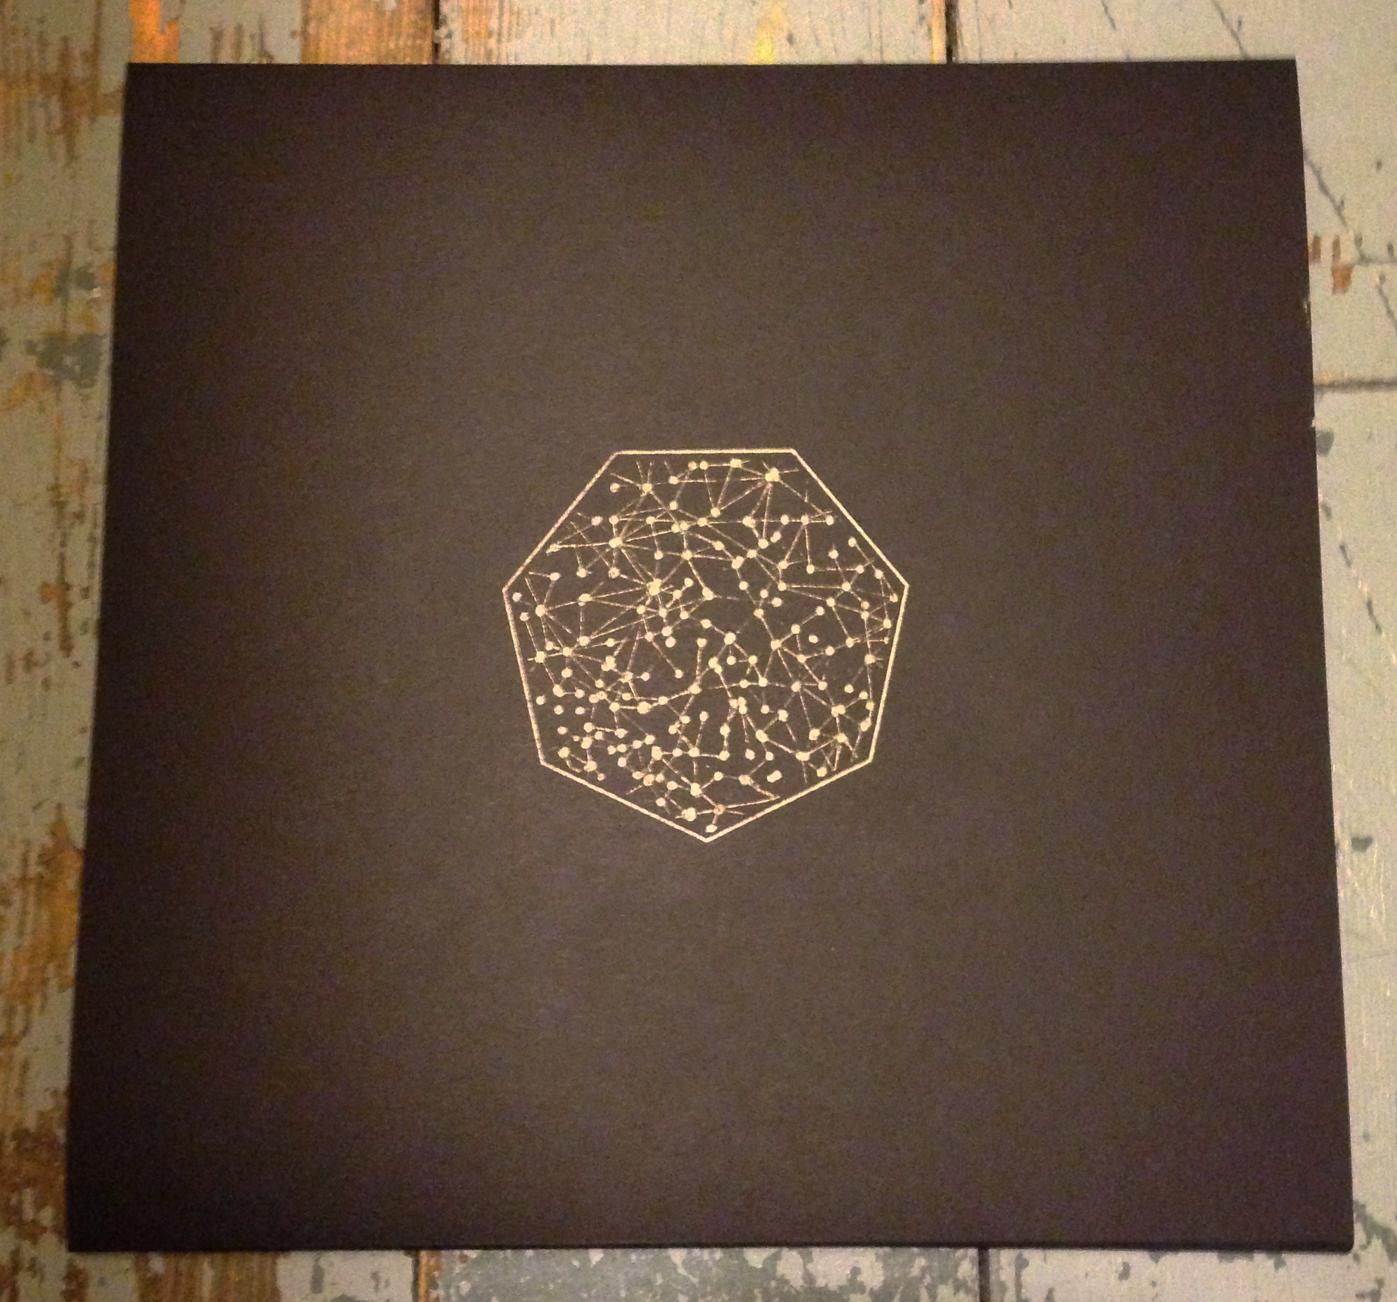 Deluxe LP